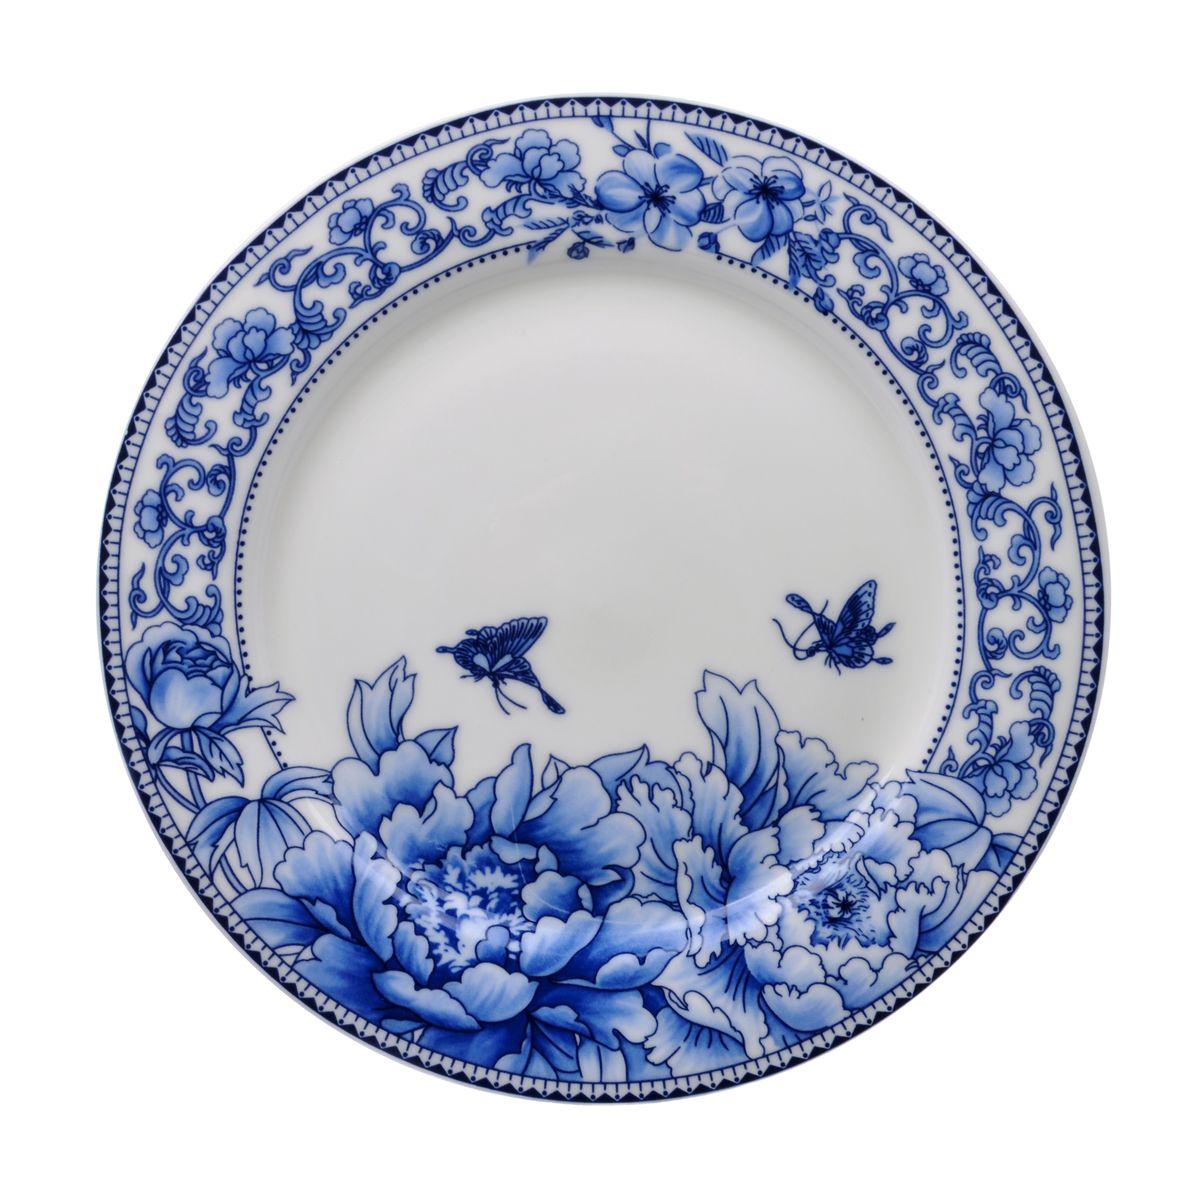 Тарелка для горячего Nanshan Porcelain Наньшань, диаметр 22,5GNNSNN008Тарелка для горячего Nanshan Porcelain Наньшань изготовлена из высококачественной керамики. Предназначена для красивой подачи различных блюд. Изделие декорировано ярким цветочным принтом. Такая тарелка украсит сервировку стола и подчеркнет прекрасный вкус хозяйки. Можно мыть в посудомоечной машине и использовать в СВЧ. Диаметр: 22,5 см. Высота: 2 см.